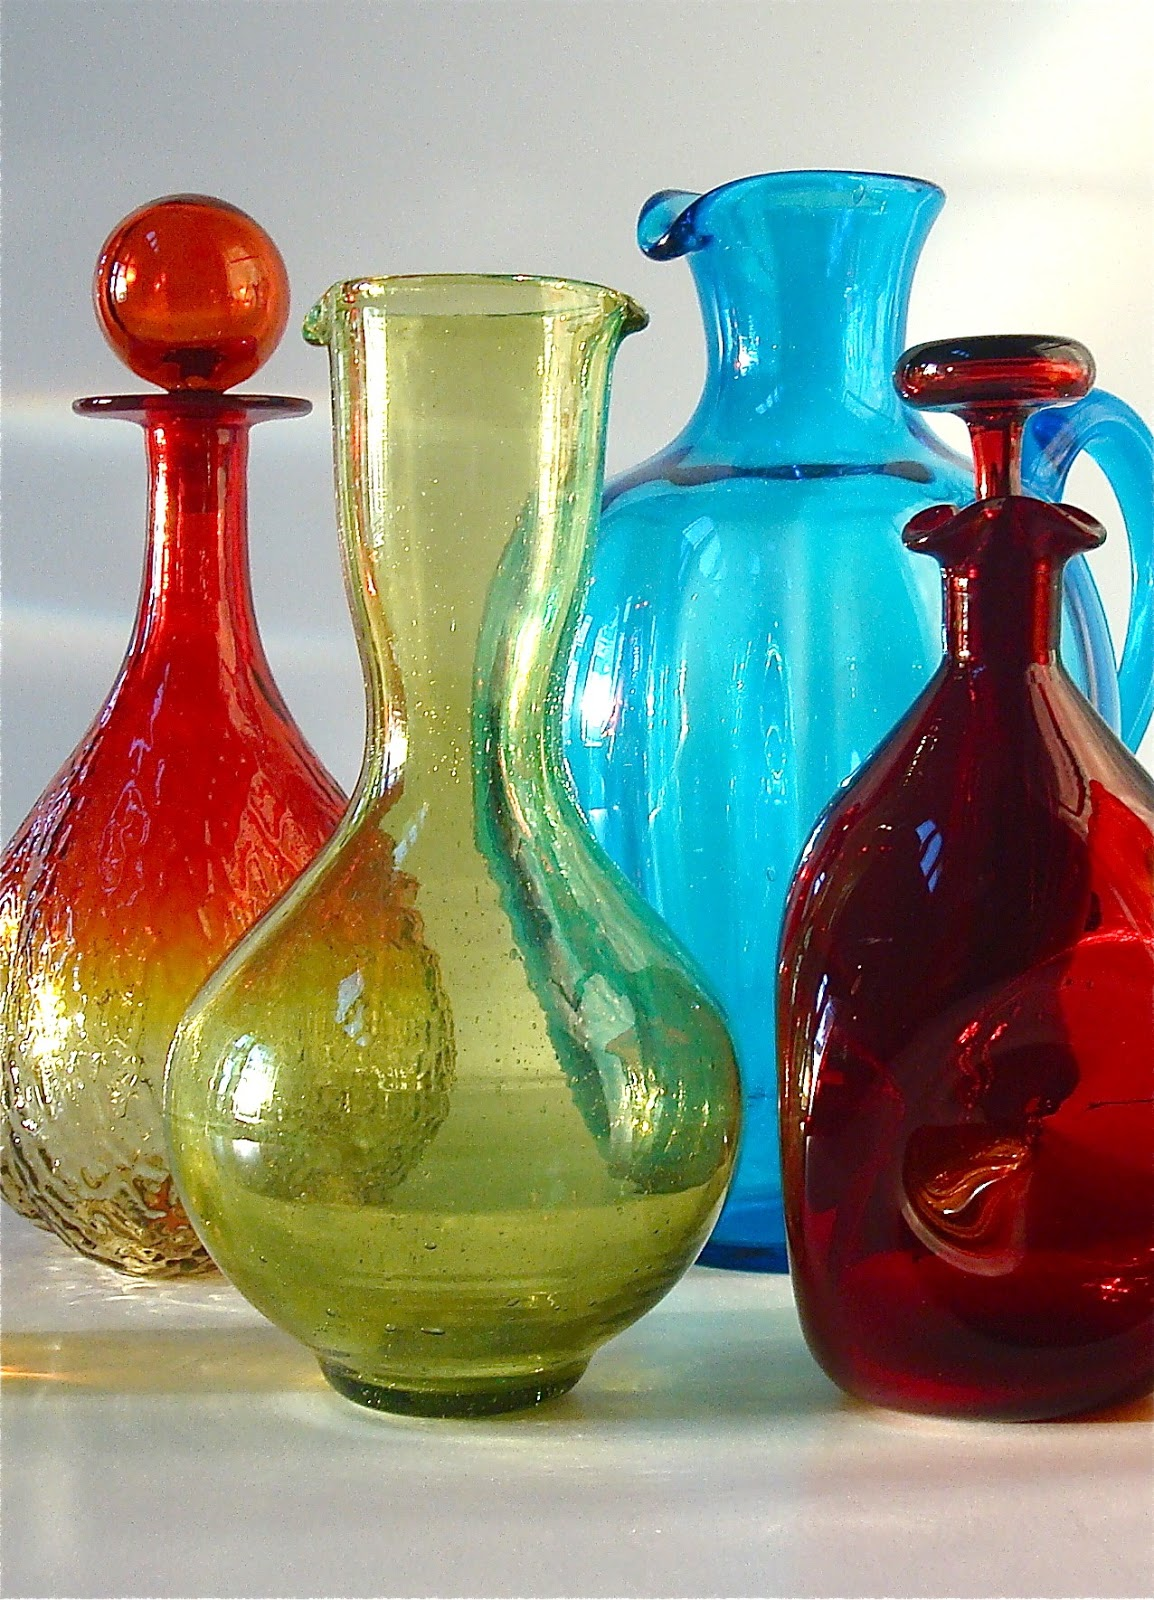 Heart Of Glass Blenko Glass December 2012